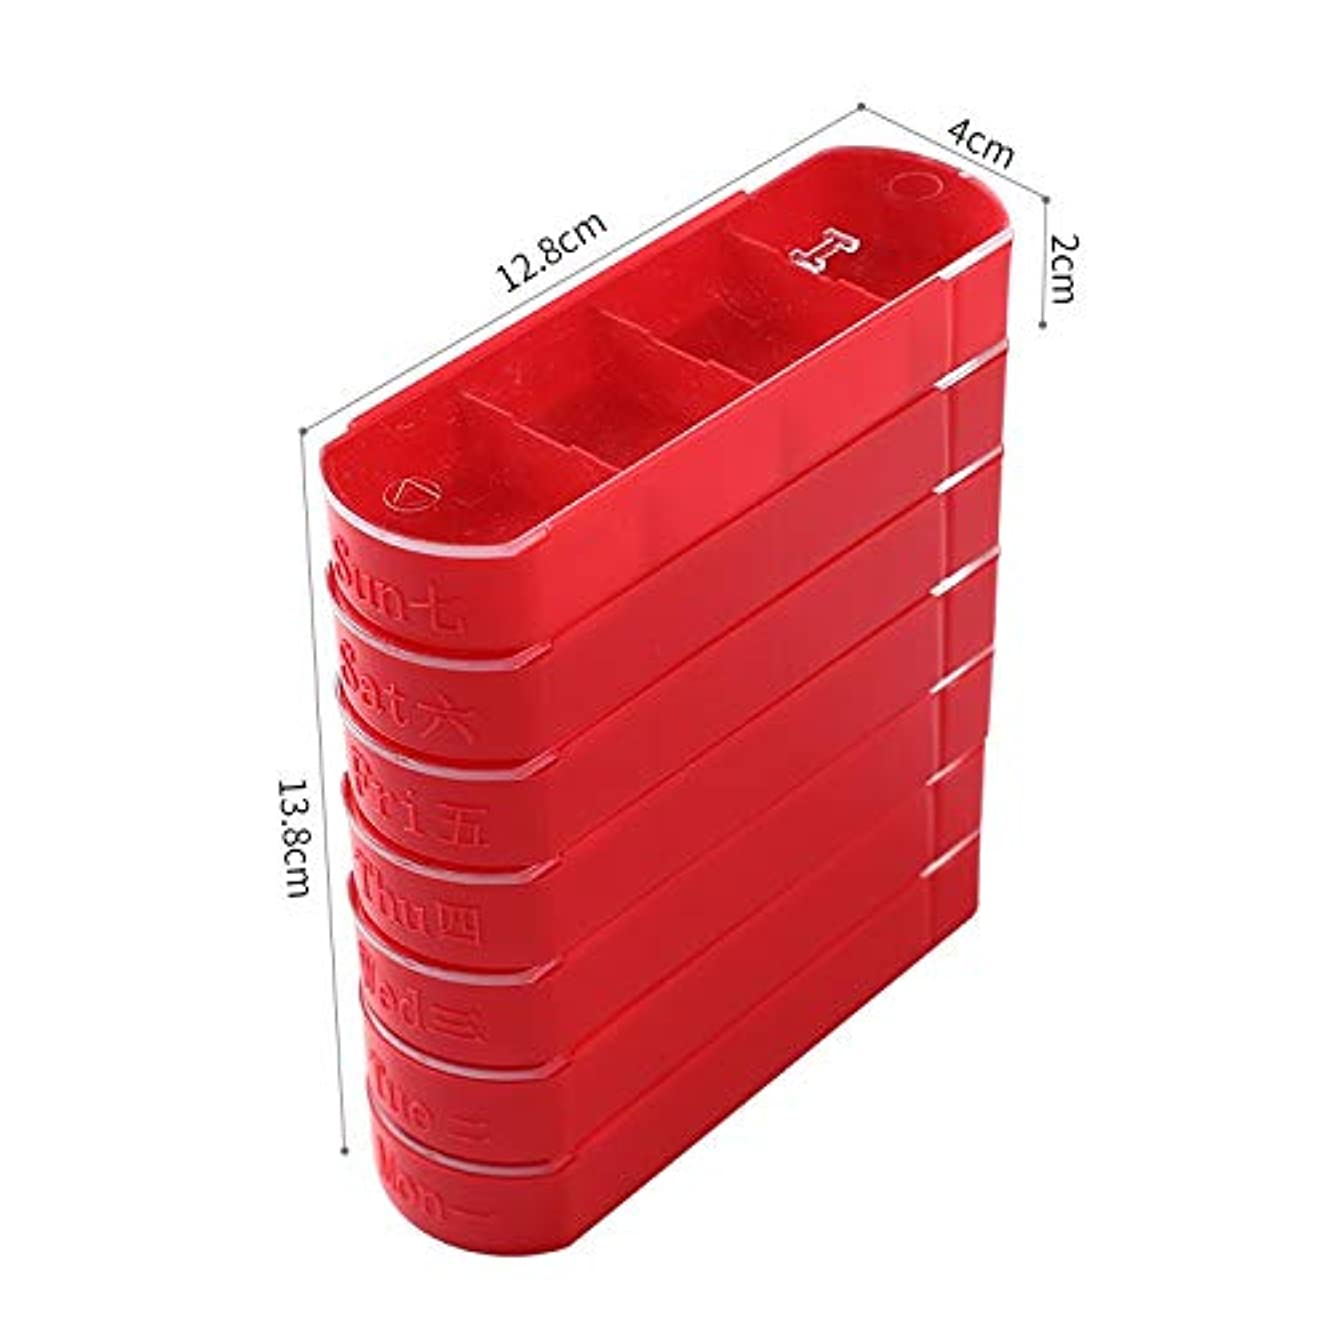 松役員インセンティブHTDZDX 毎週ピルボックスピルタワー収納ボックス、7日間薬オーガナイザー4コンパートメント、ポータブルトラベルピルケース (Color : Red)